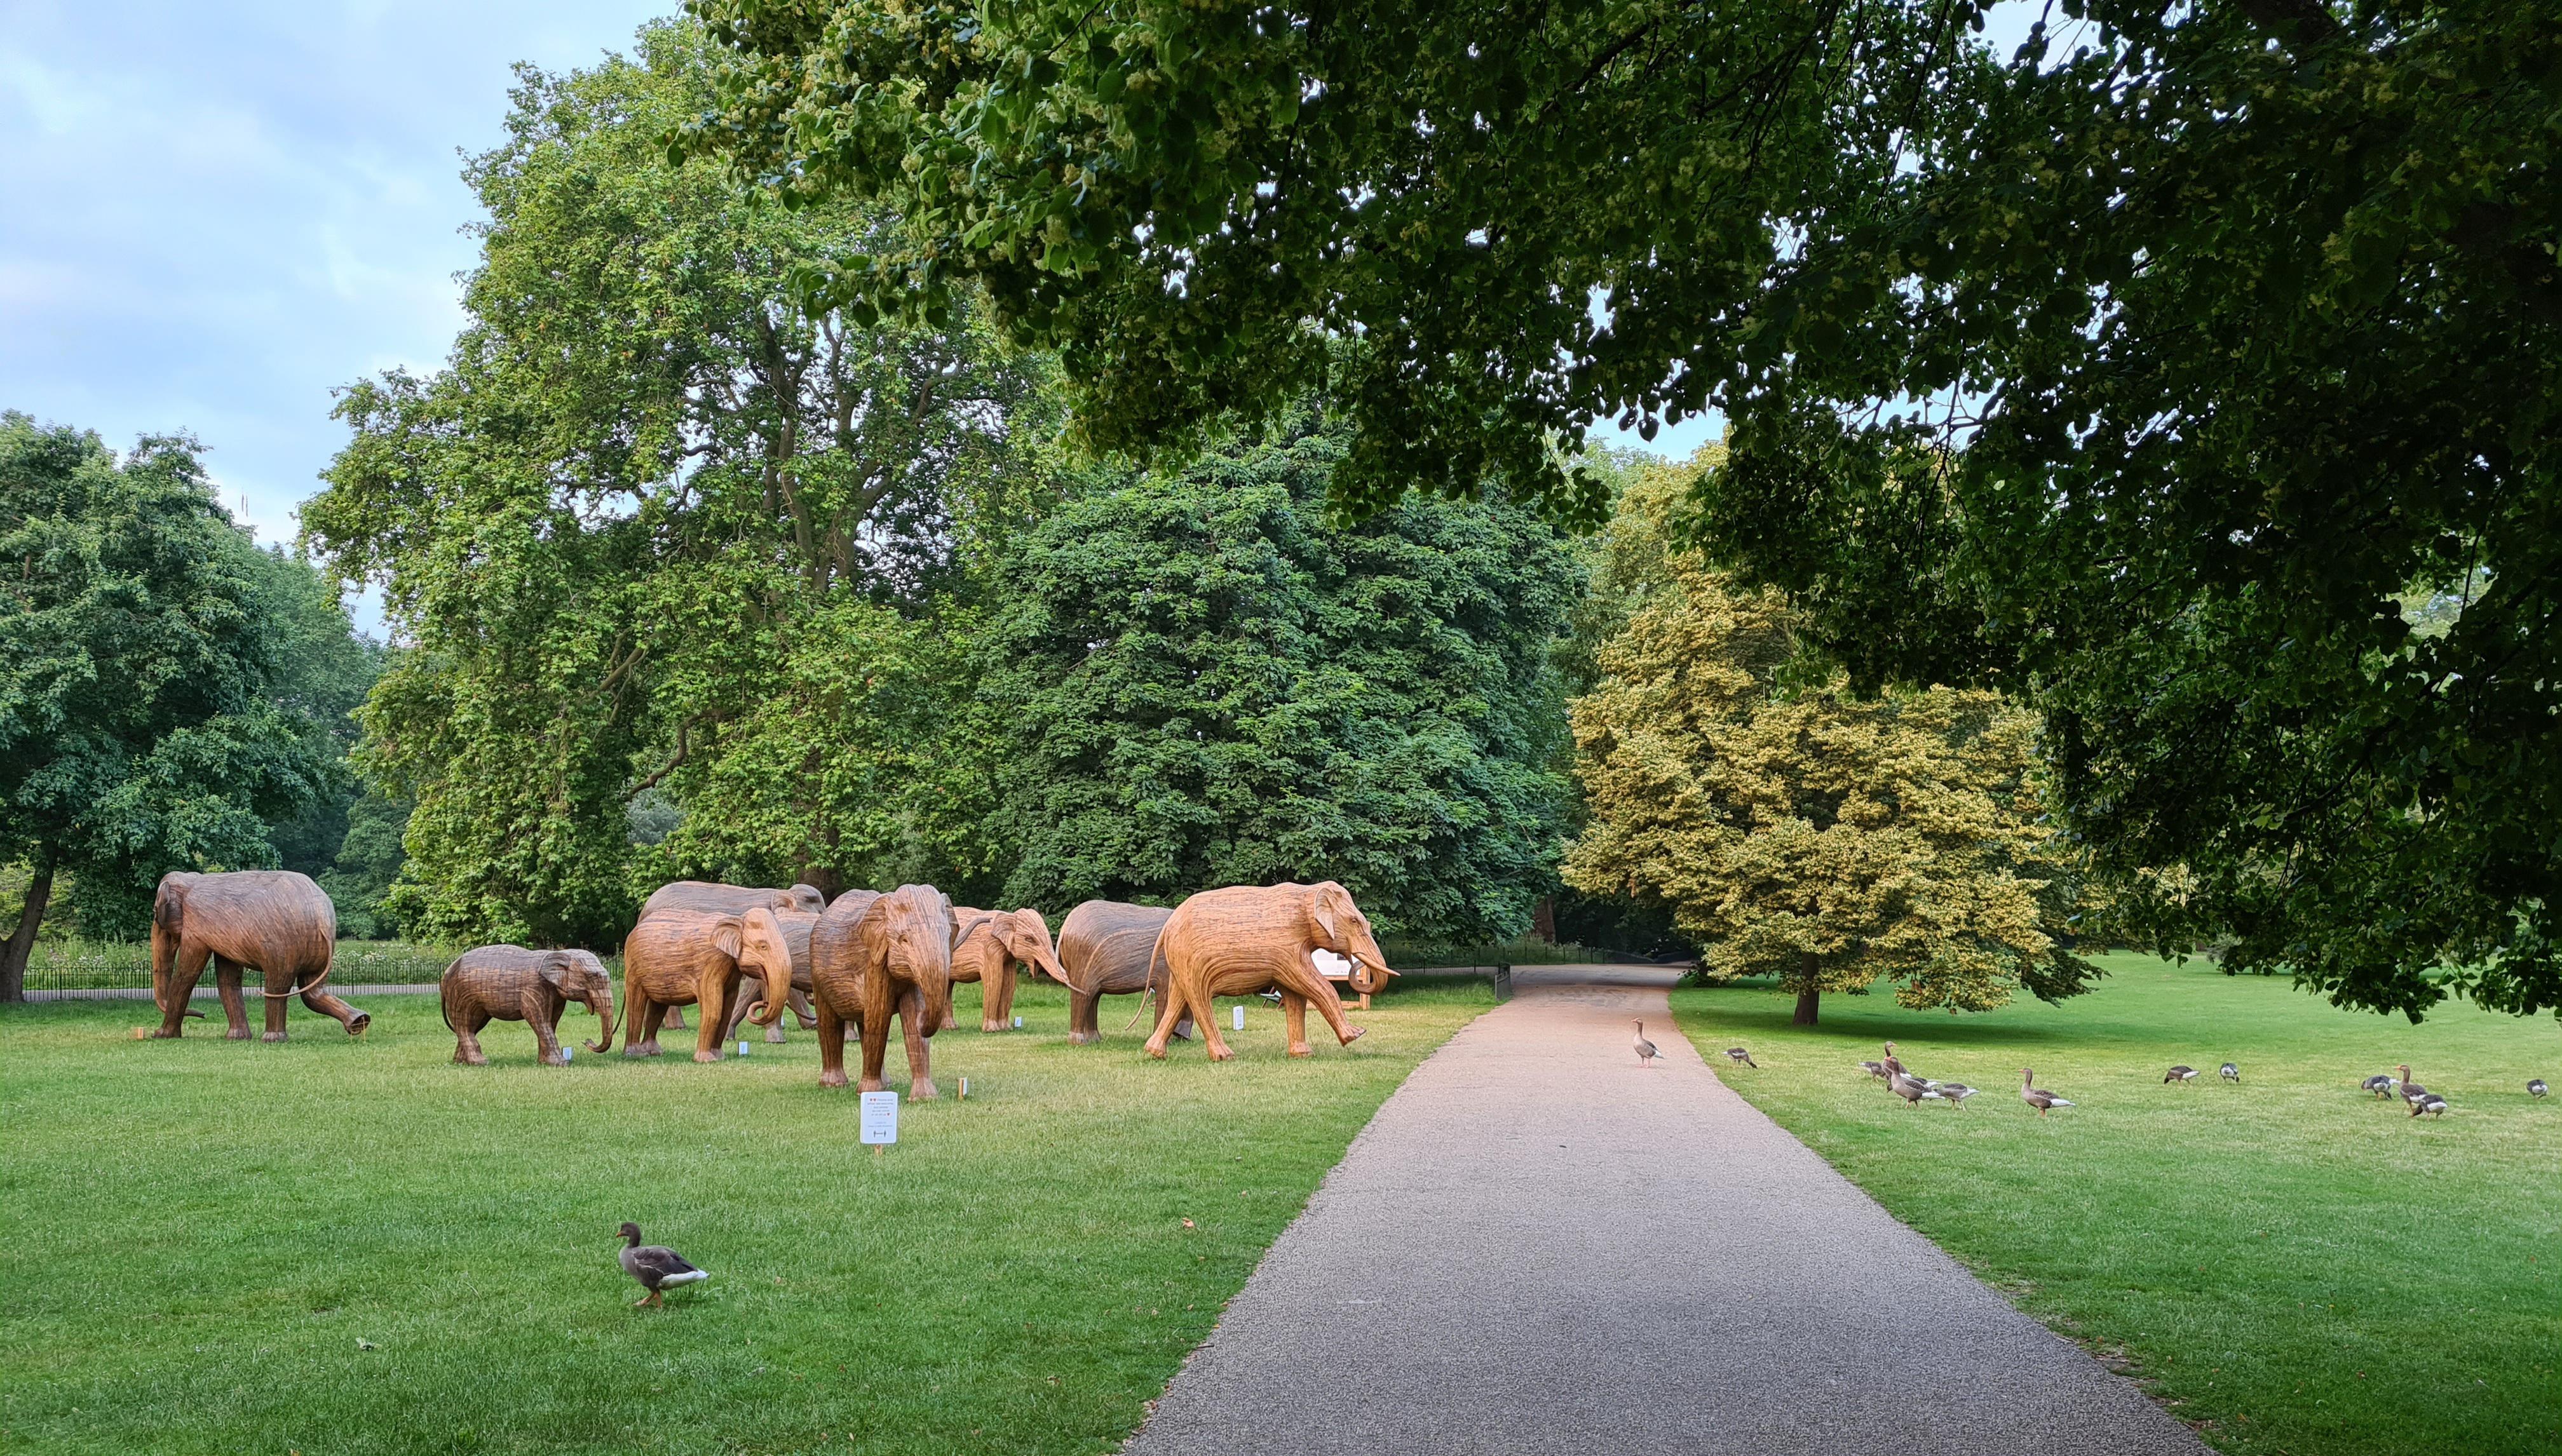 Elephants on the Jubilee Walkway